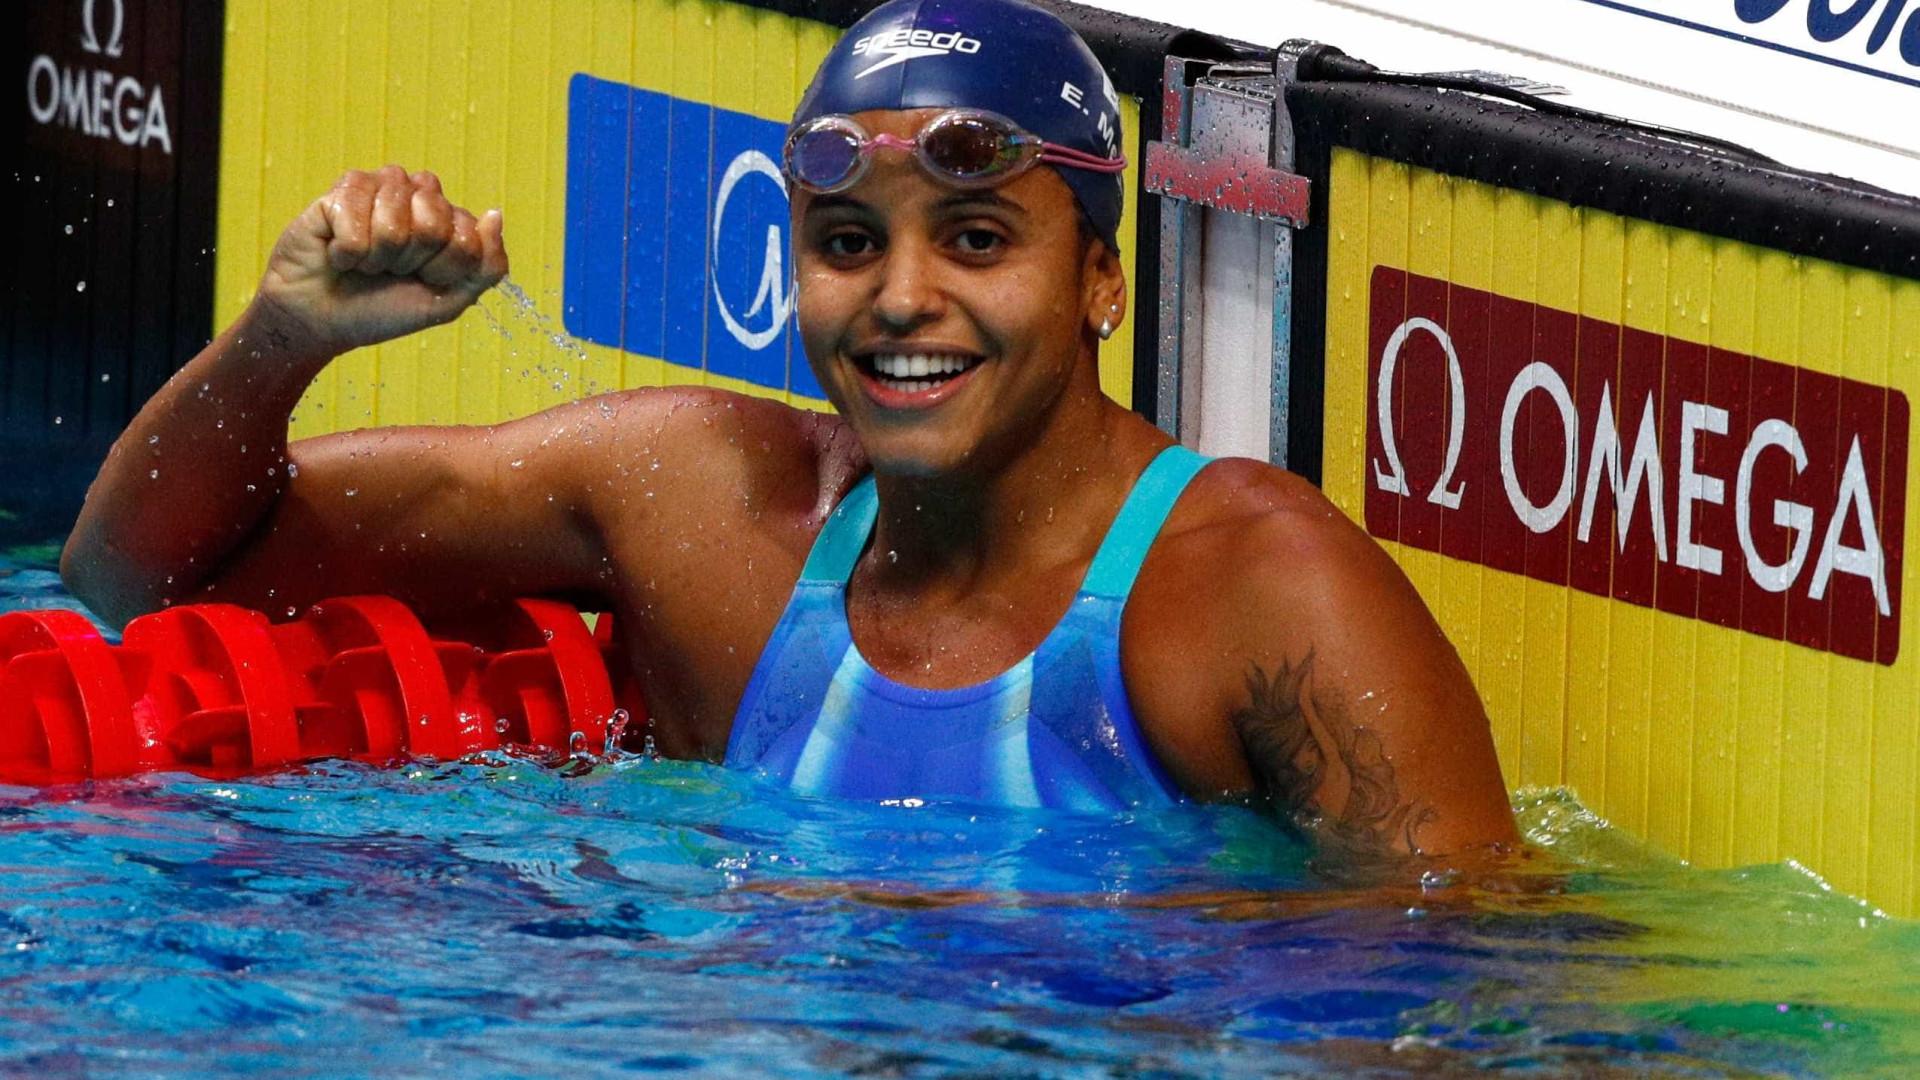 Etiene Medeiros compete na Itália em preparação para os Jogos Olímpicos de Tóquio